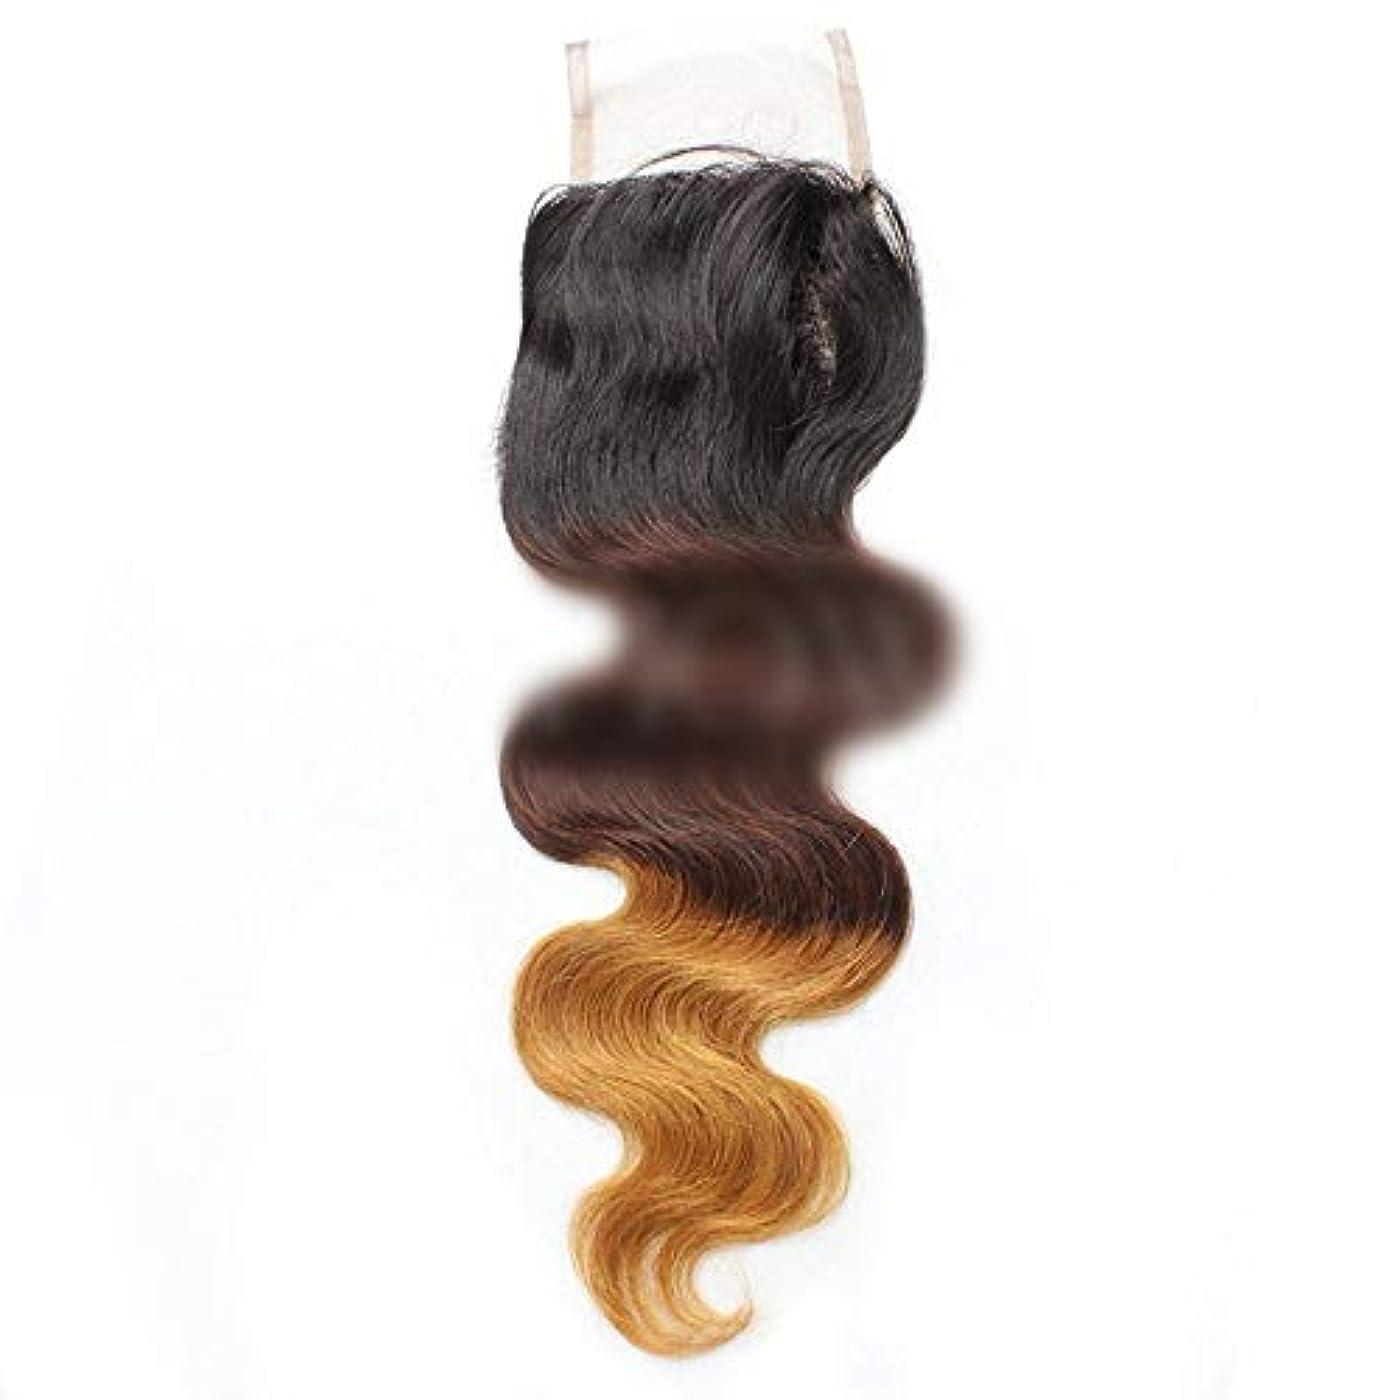 監督する骨髄テロリストHOHYLLYA 9aバージンブラジル人間の髪の毛自由な部分実体波4 * 4レース閉鎖 - 1B / 4/27#3トーン色ロールプレイングかつら女性のかつら (色 : ブラウン, サイズ : 18 inch)